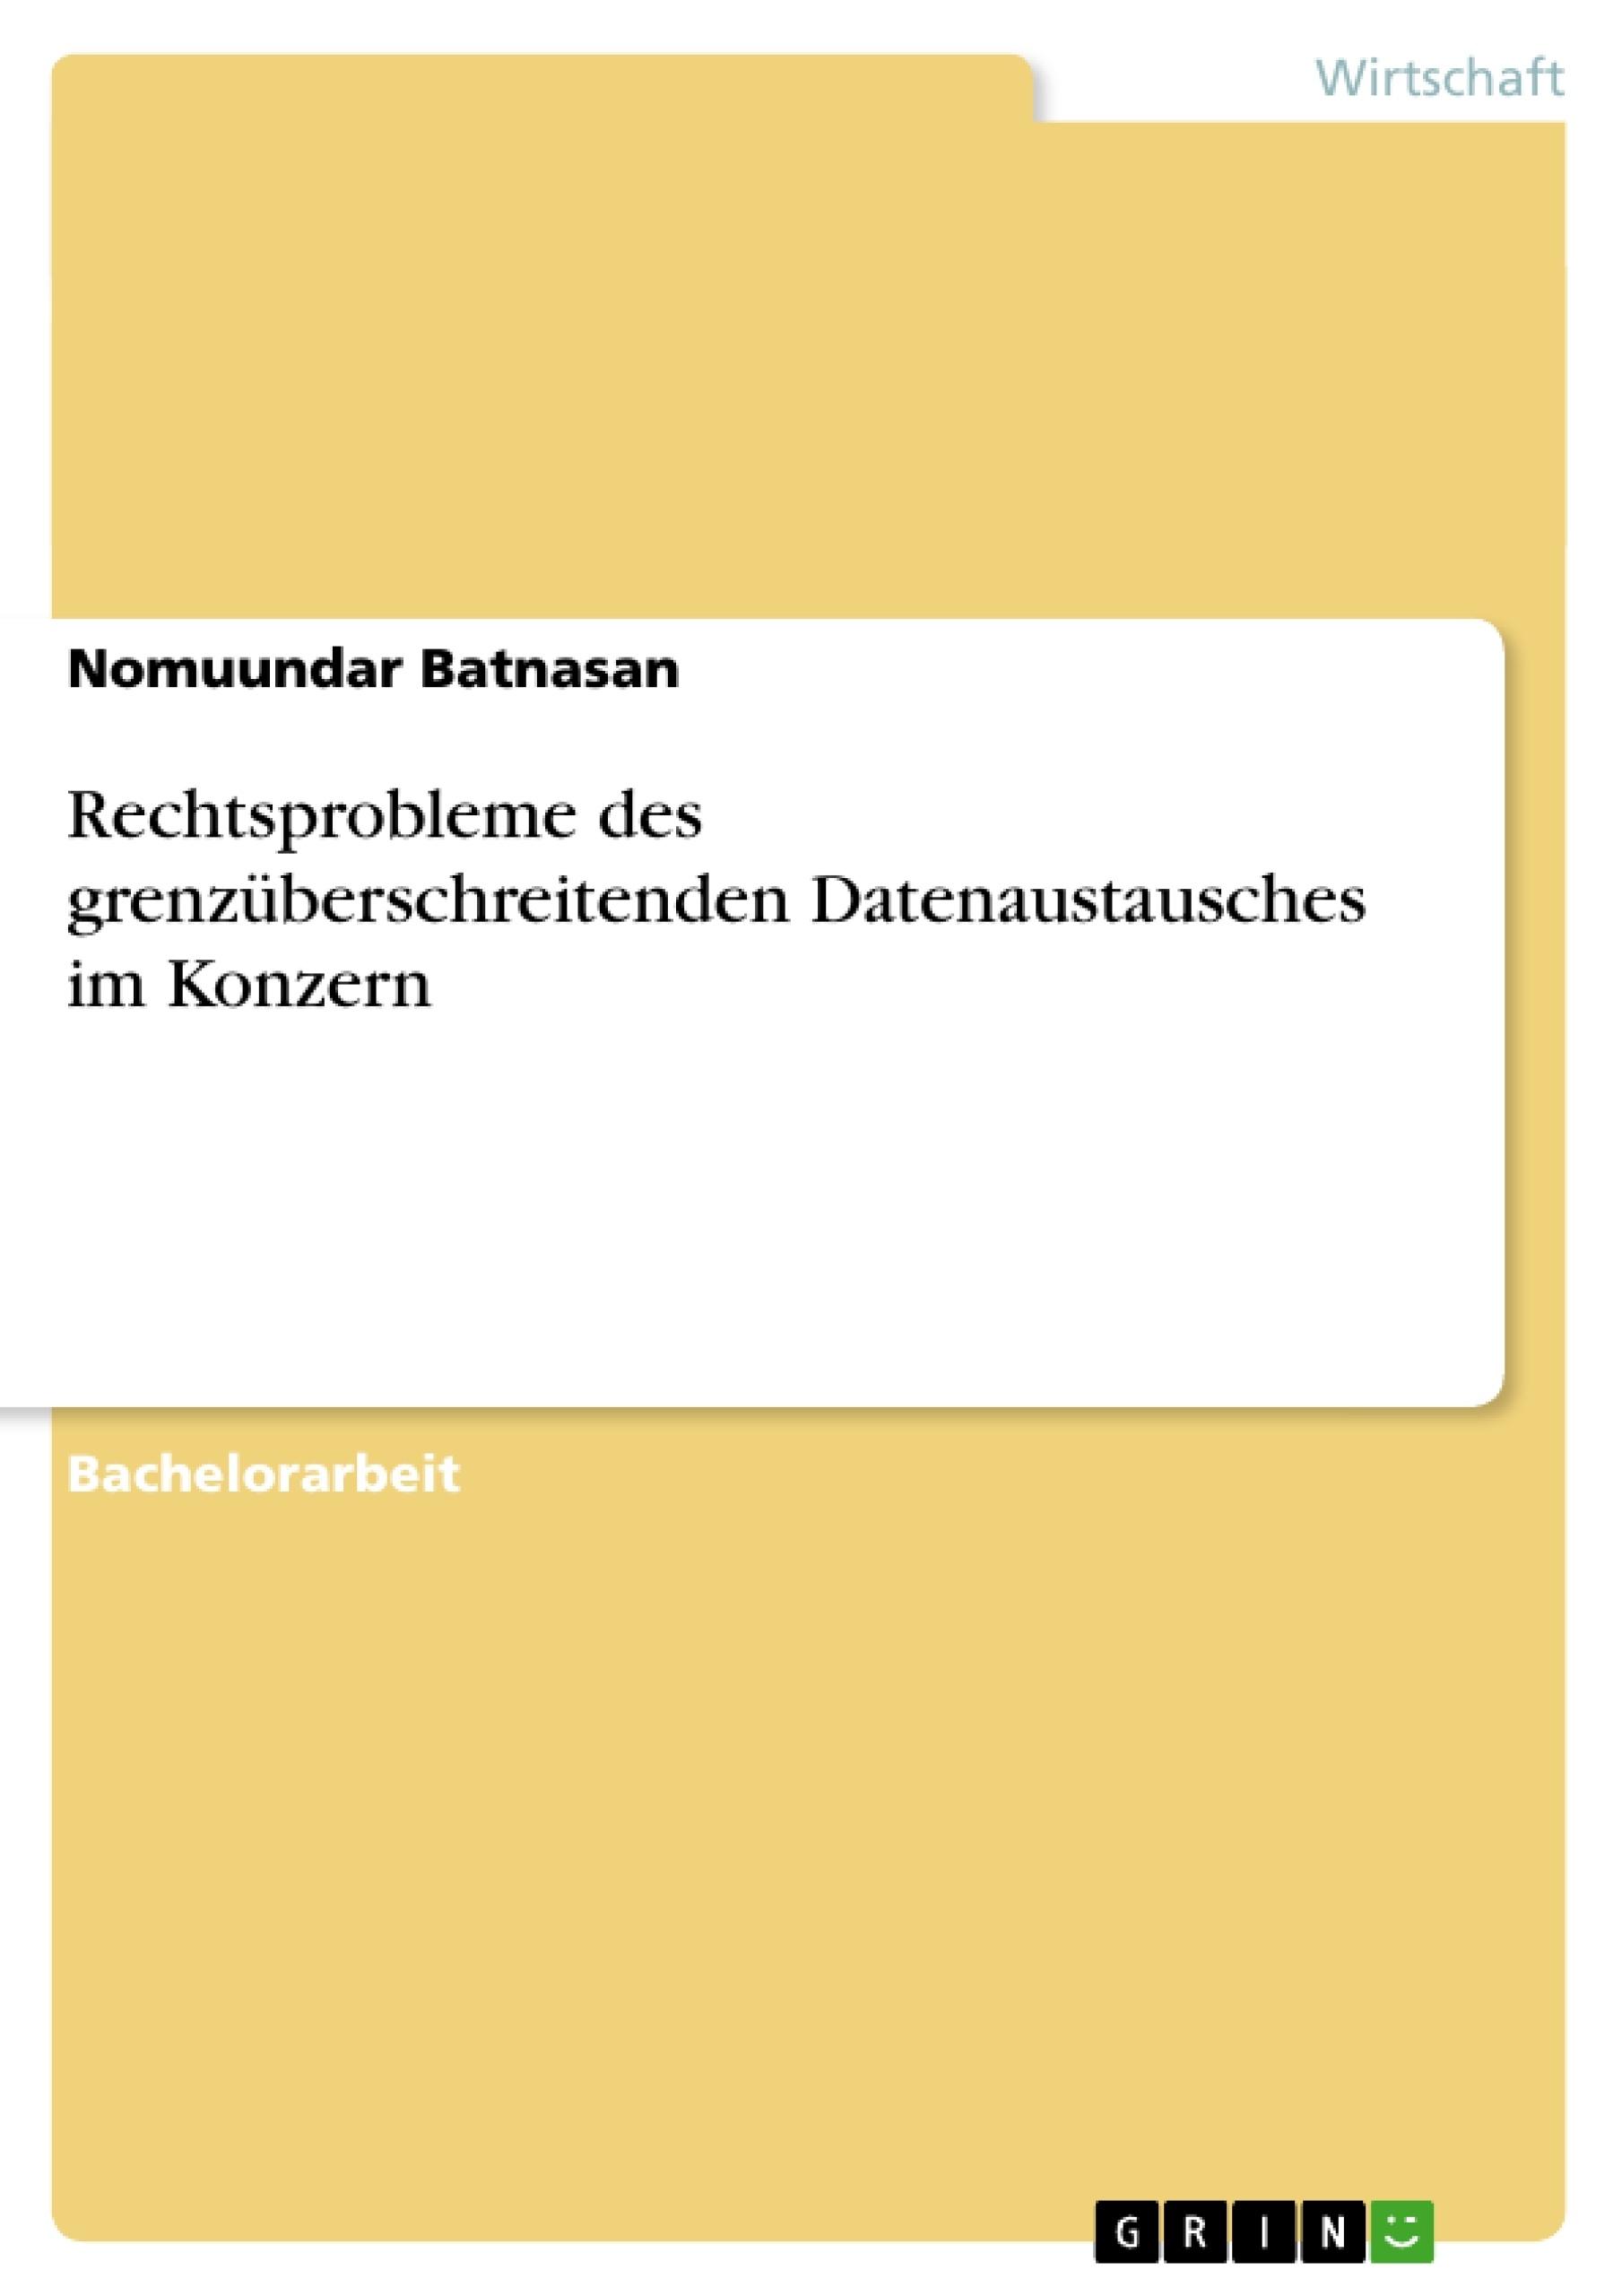 Titel: Rechtsprobleme des grenzüberschreitenden Datenaustausches im Konzern